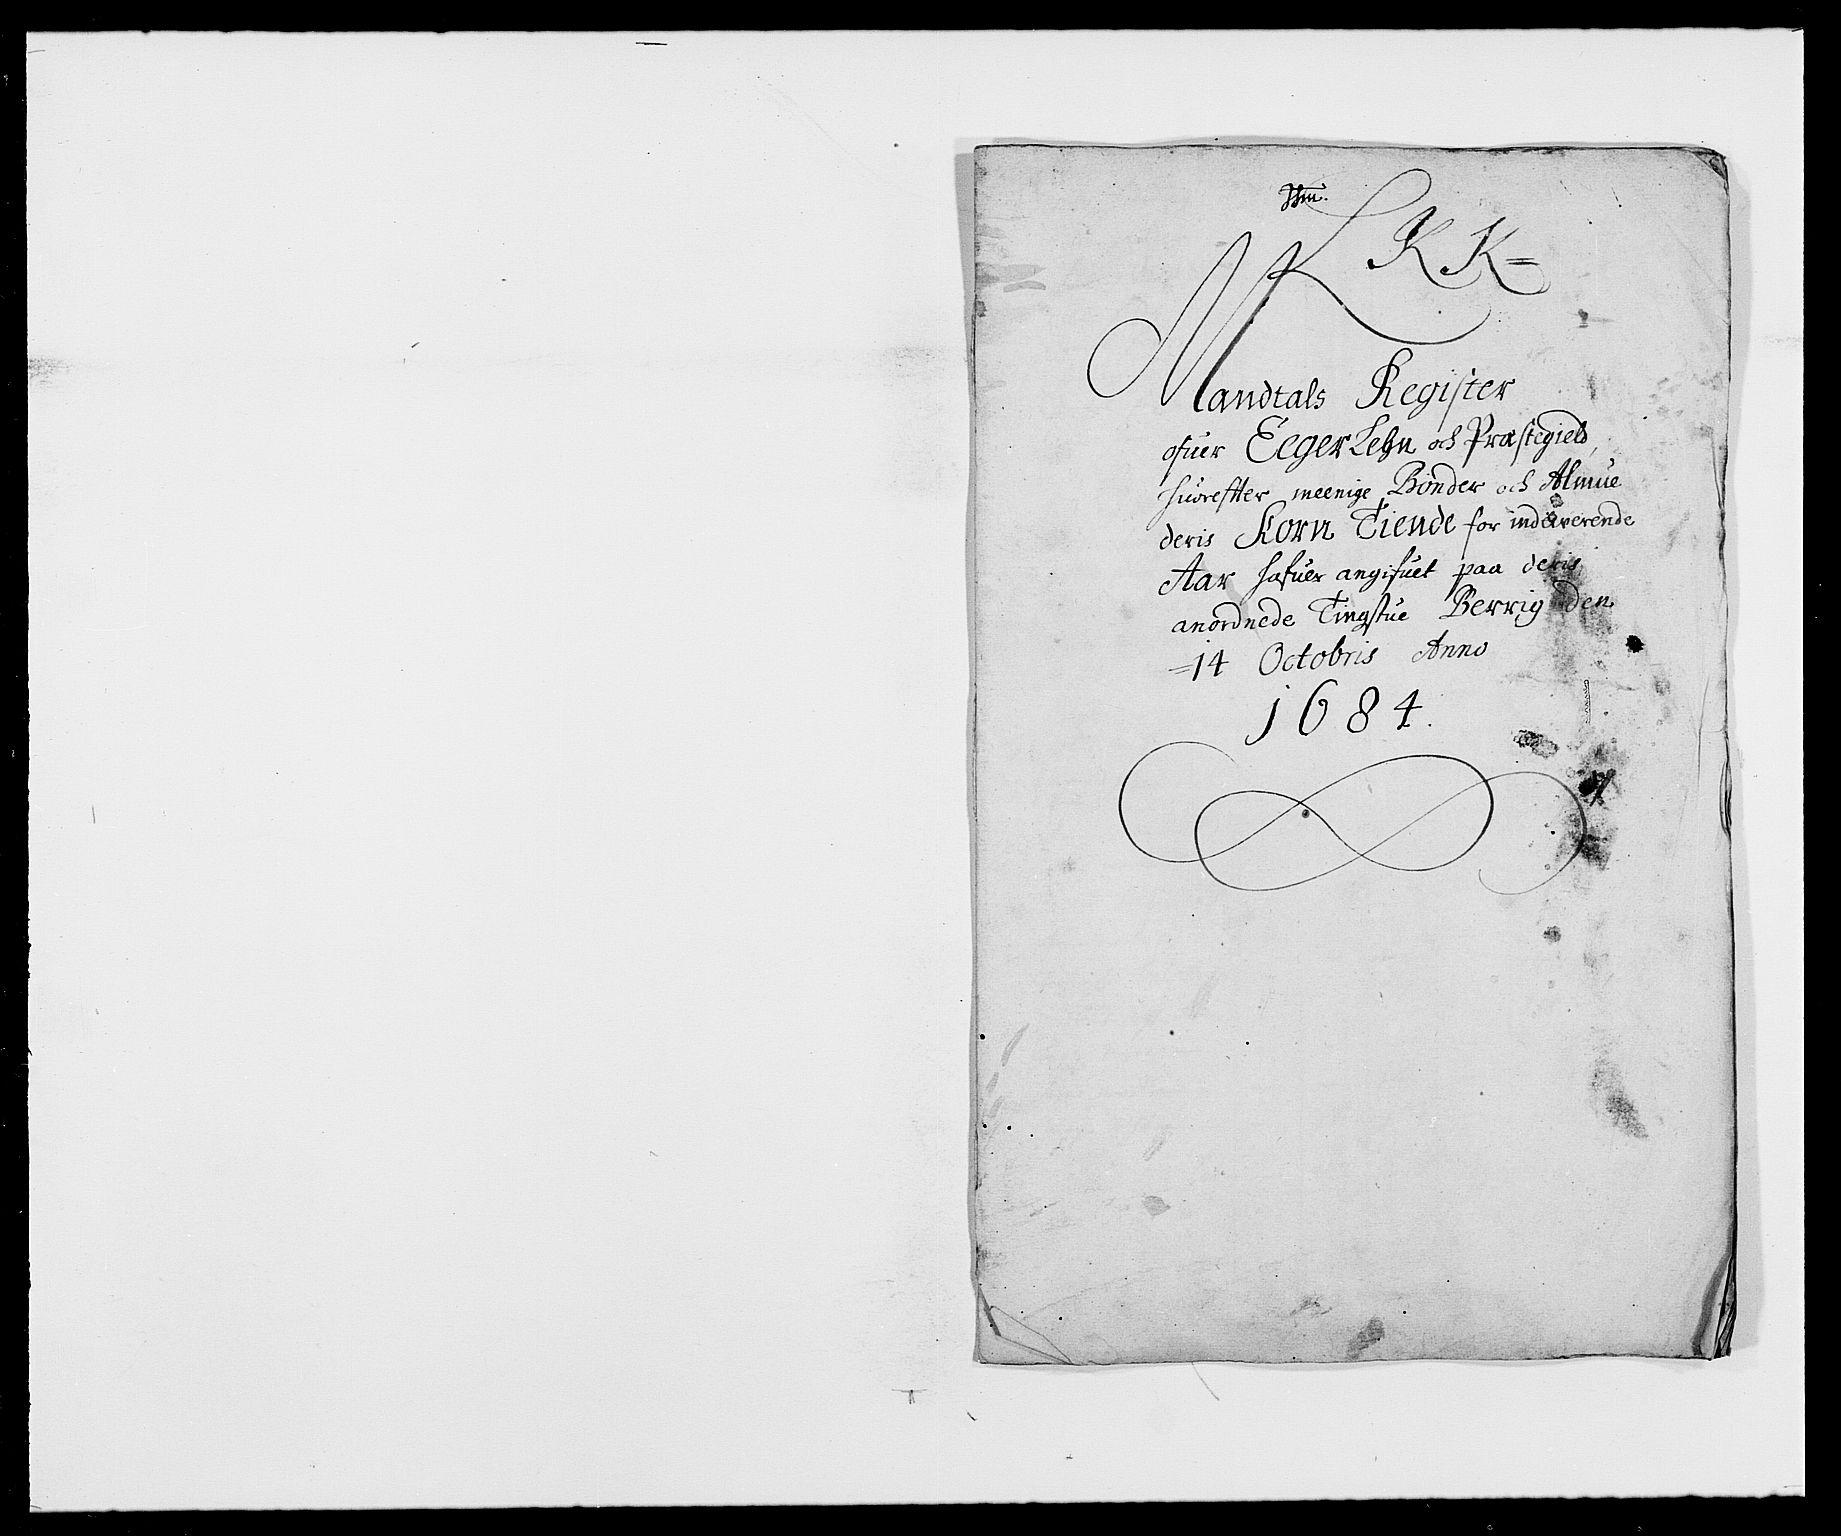 RA, Rentekammeret inntil 1814, Reviderte regnskaper, Fogderegnskap, R26/L1685: Fogderegnskap Eiker, 1679-1686, s. 1